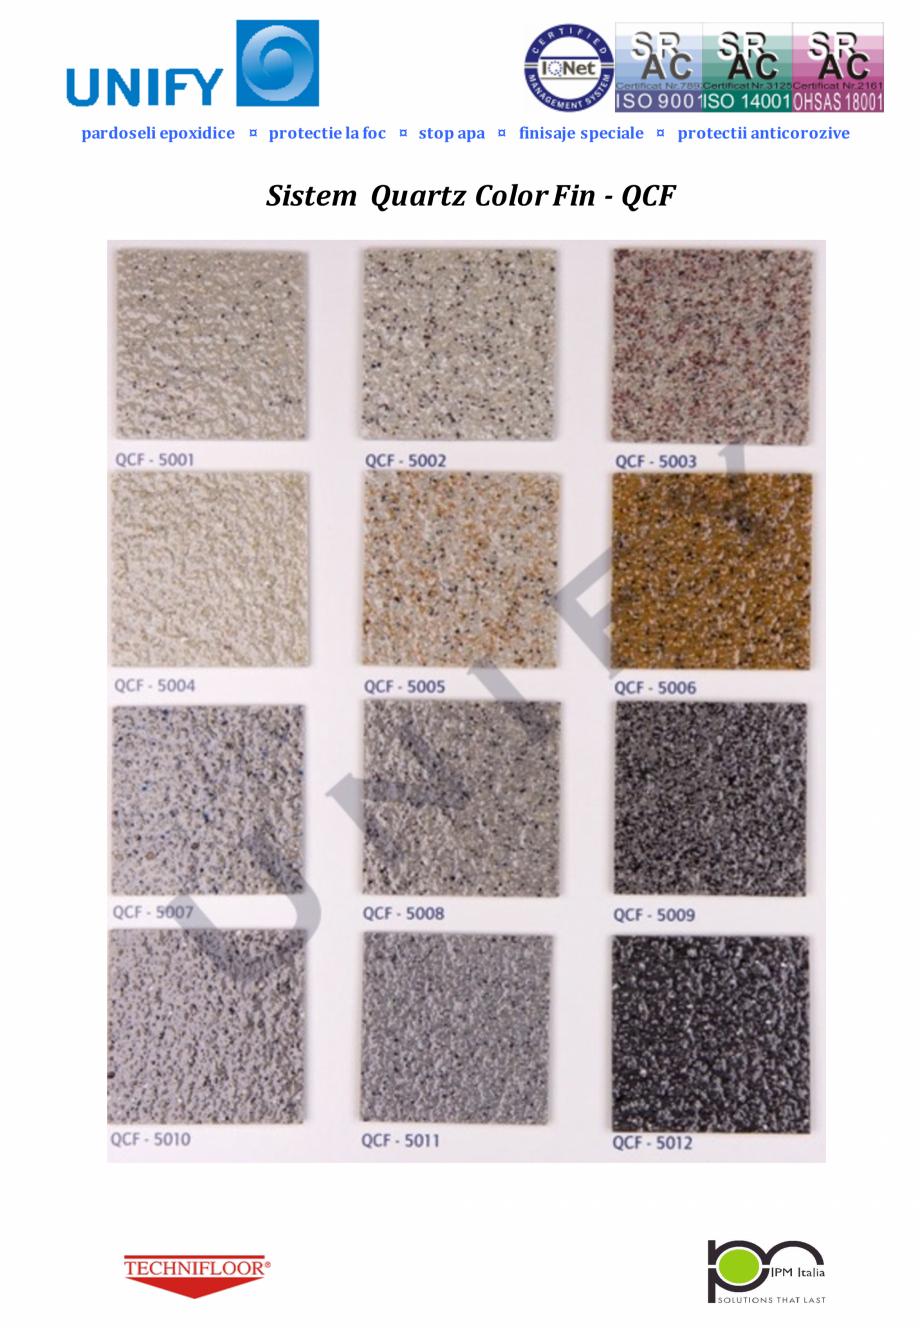 Pagina 2 - Paletar pentru sisteme de pardoseli din rasini sintetice UNIFY Fisa tehnica Romana ozive ...